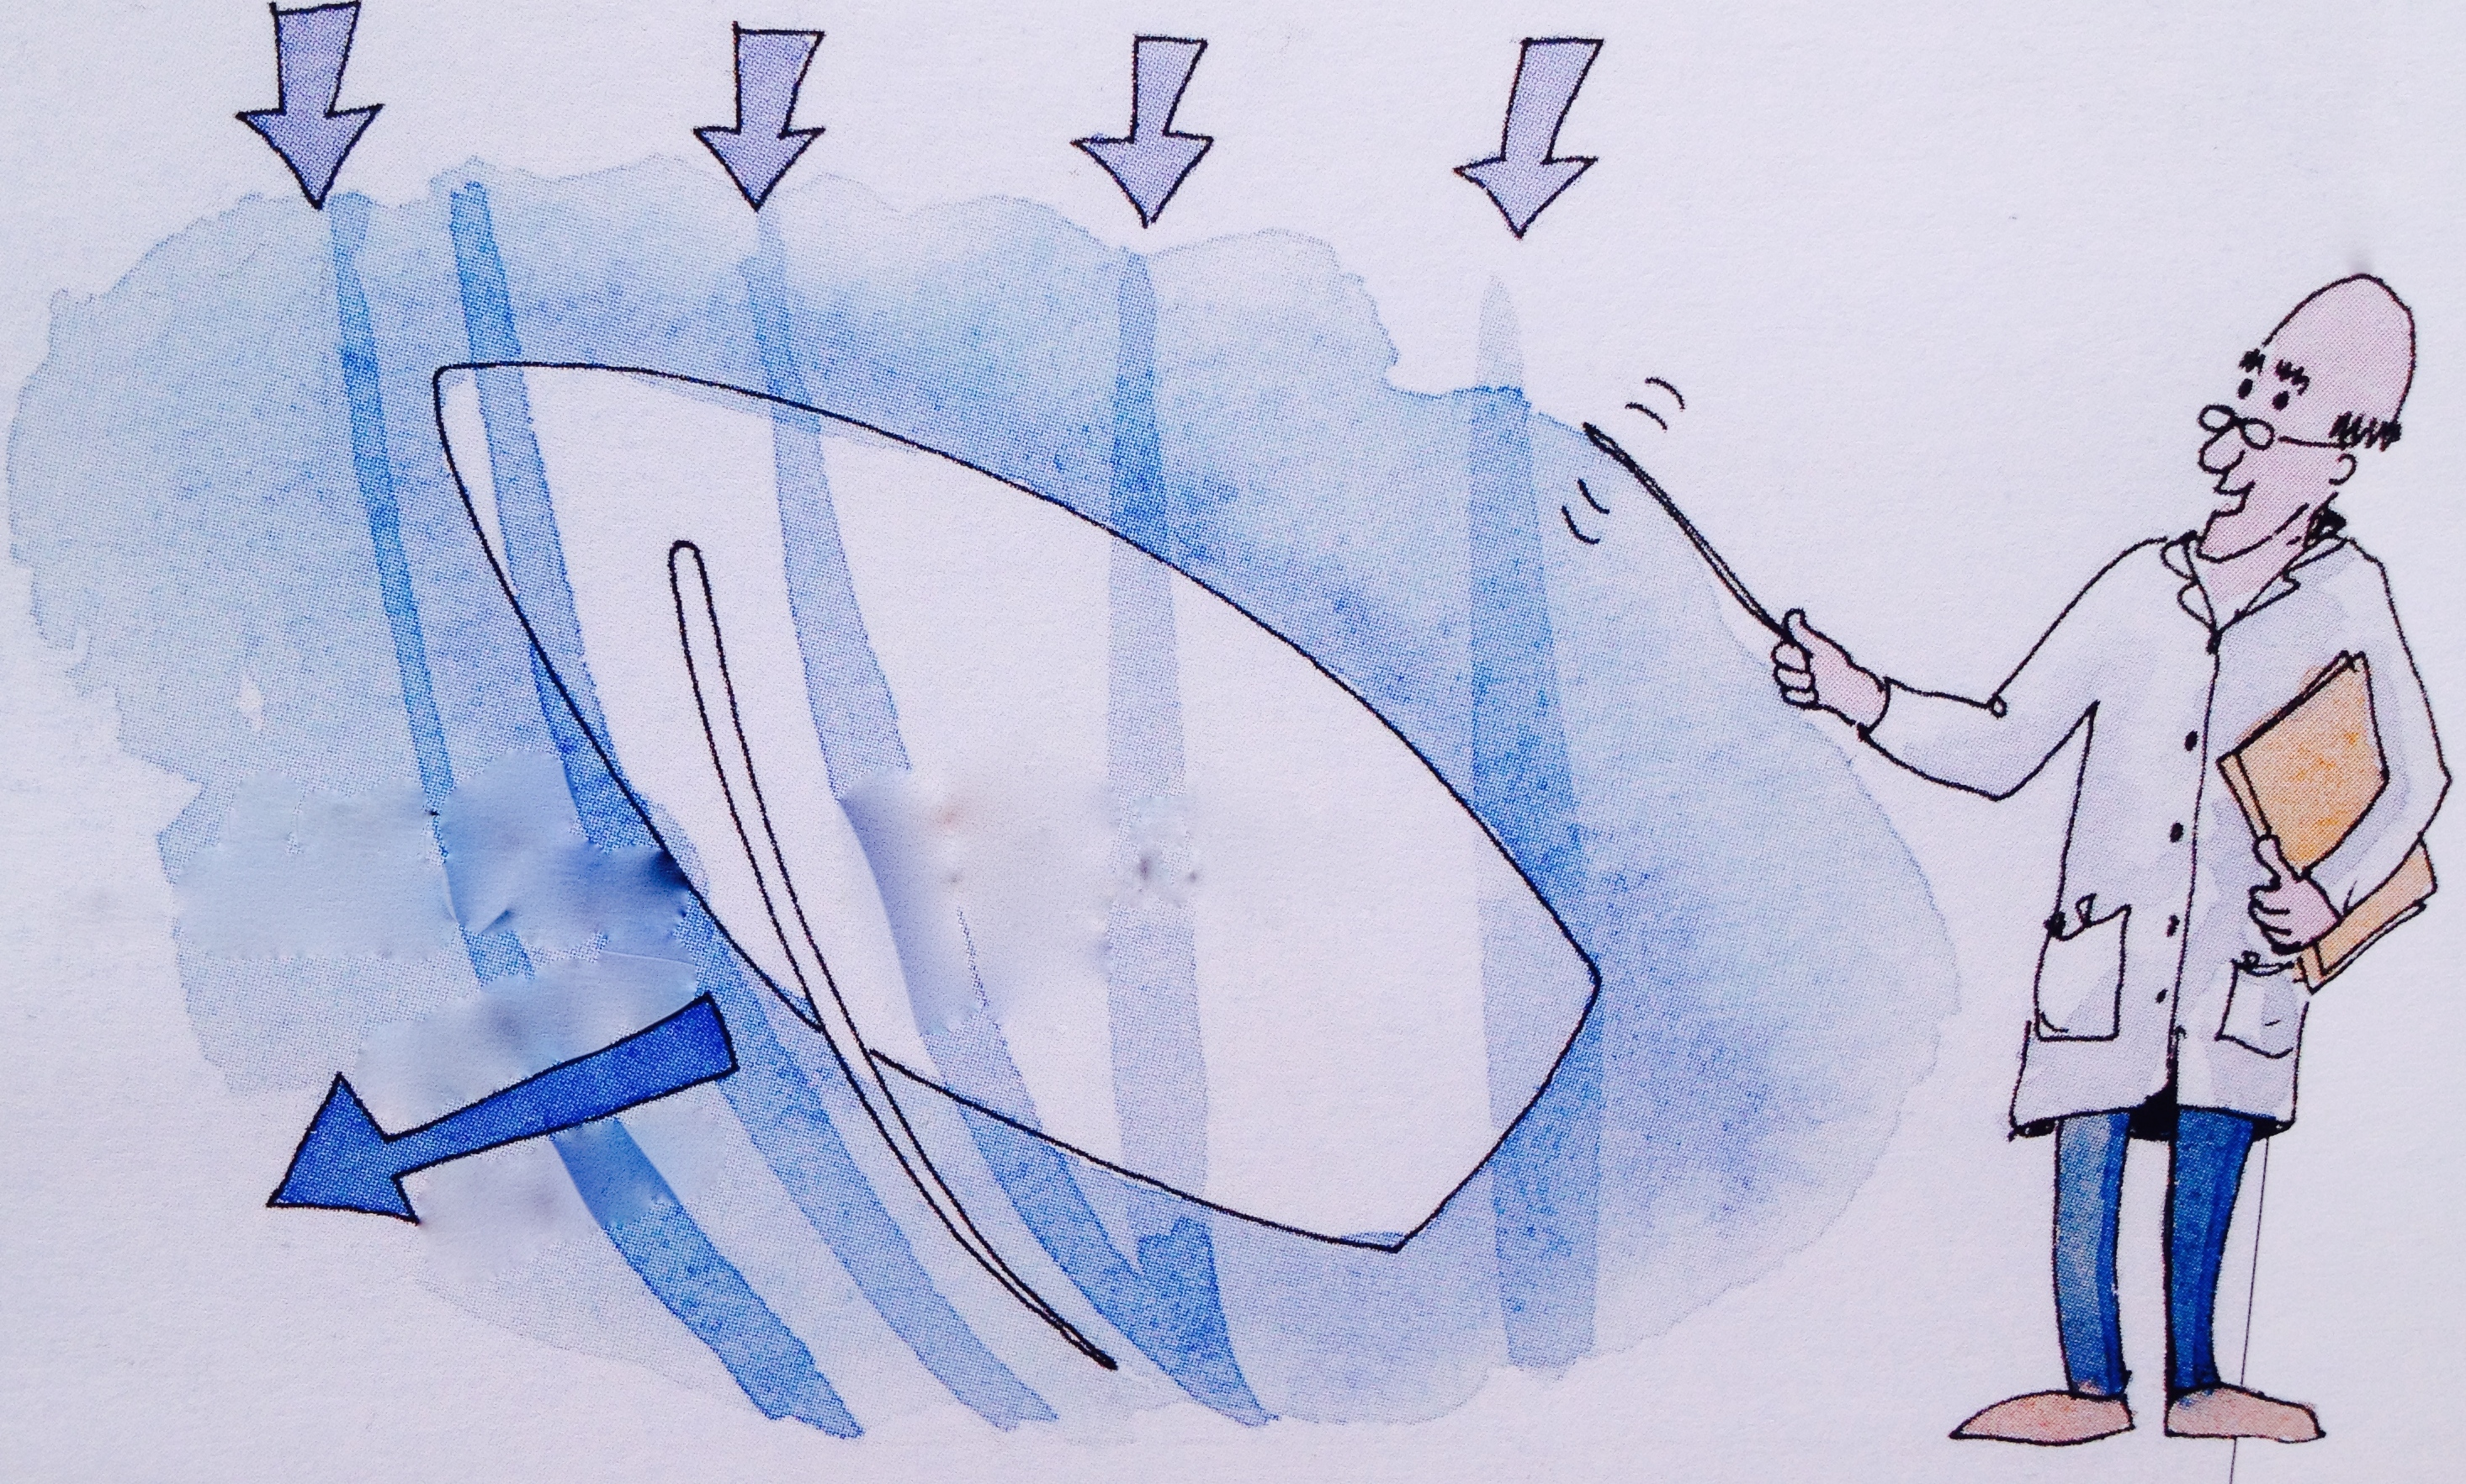 上风,迎风航线,徐莉佳,帆船,如何 帆船是如何前进的?这里我们需要讲些理论知识咯---徐莉佳漫画 6a风的原理和航行角度.jpg